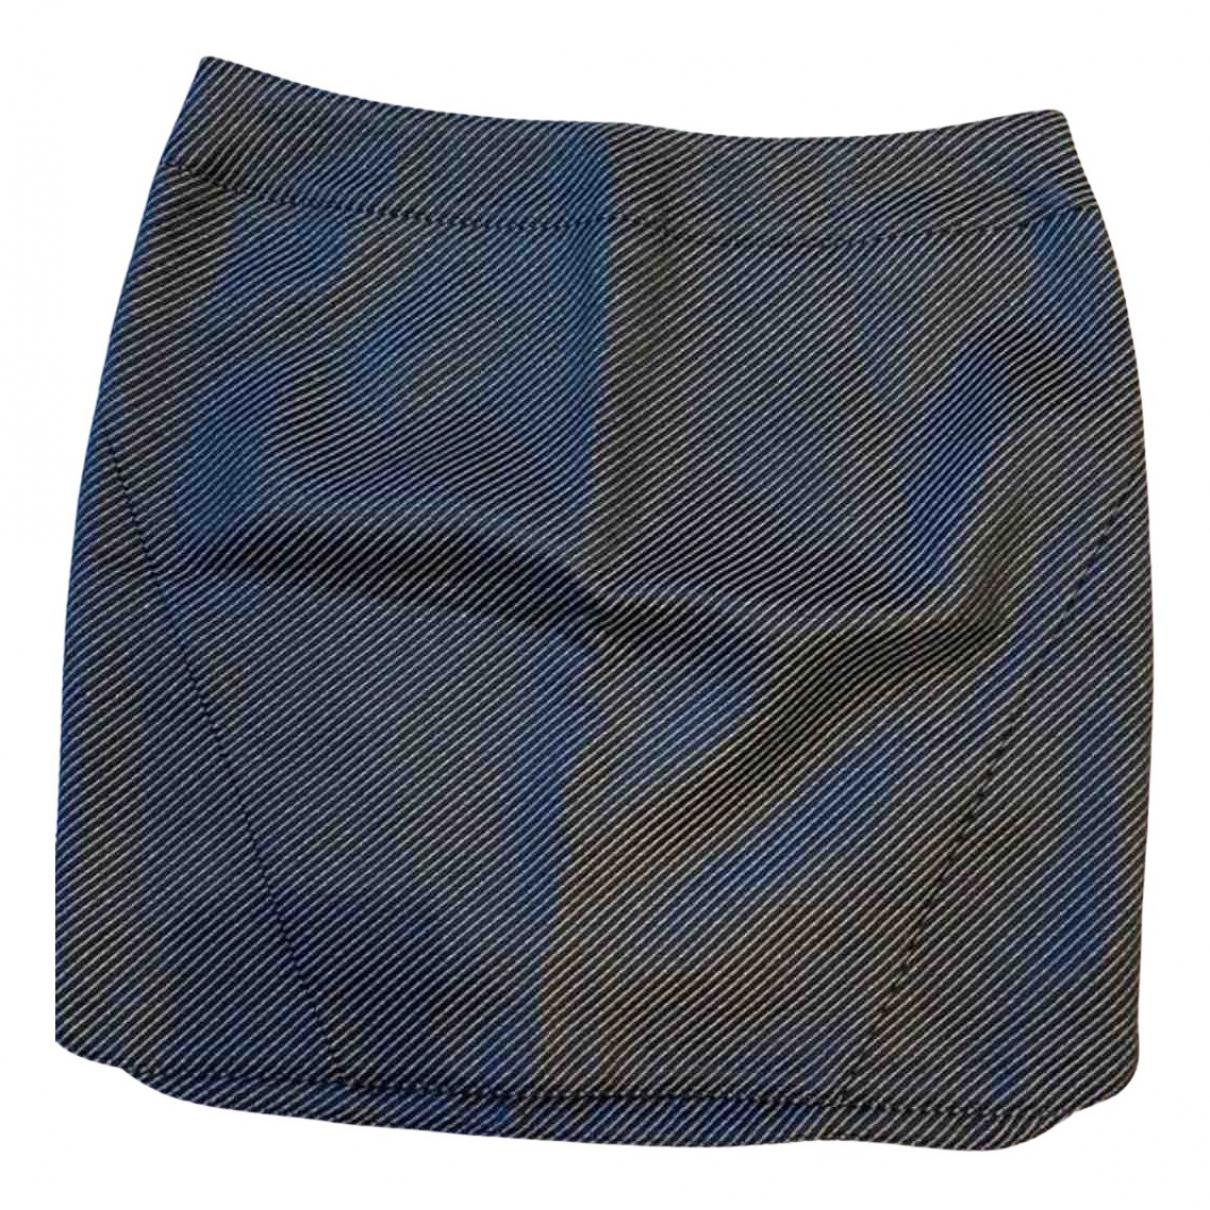 Zadig & Voltaire \N Black Cotton skirt for Women 36 FR